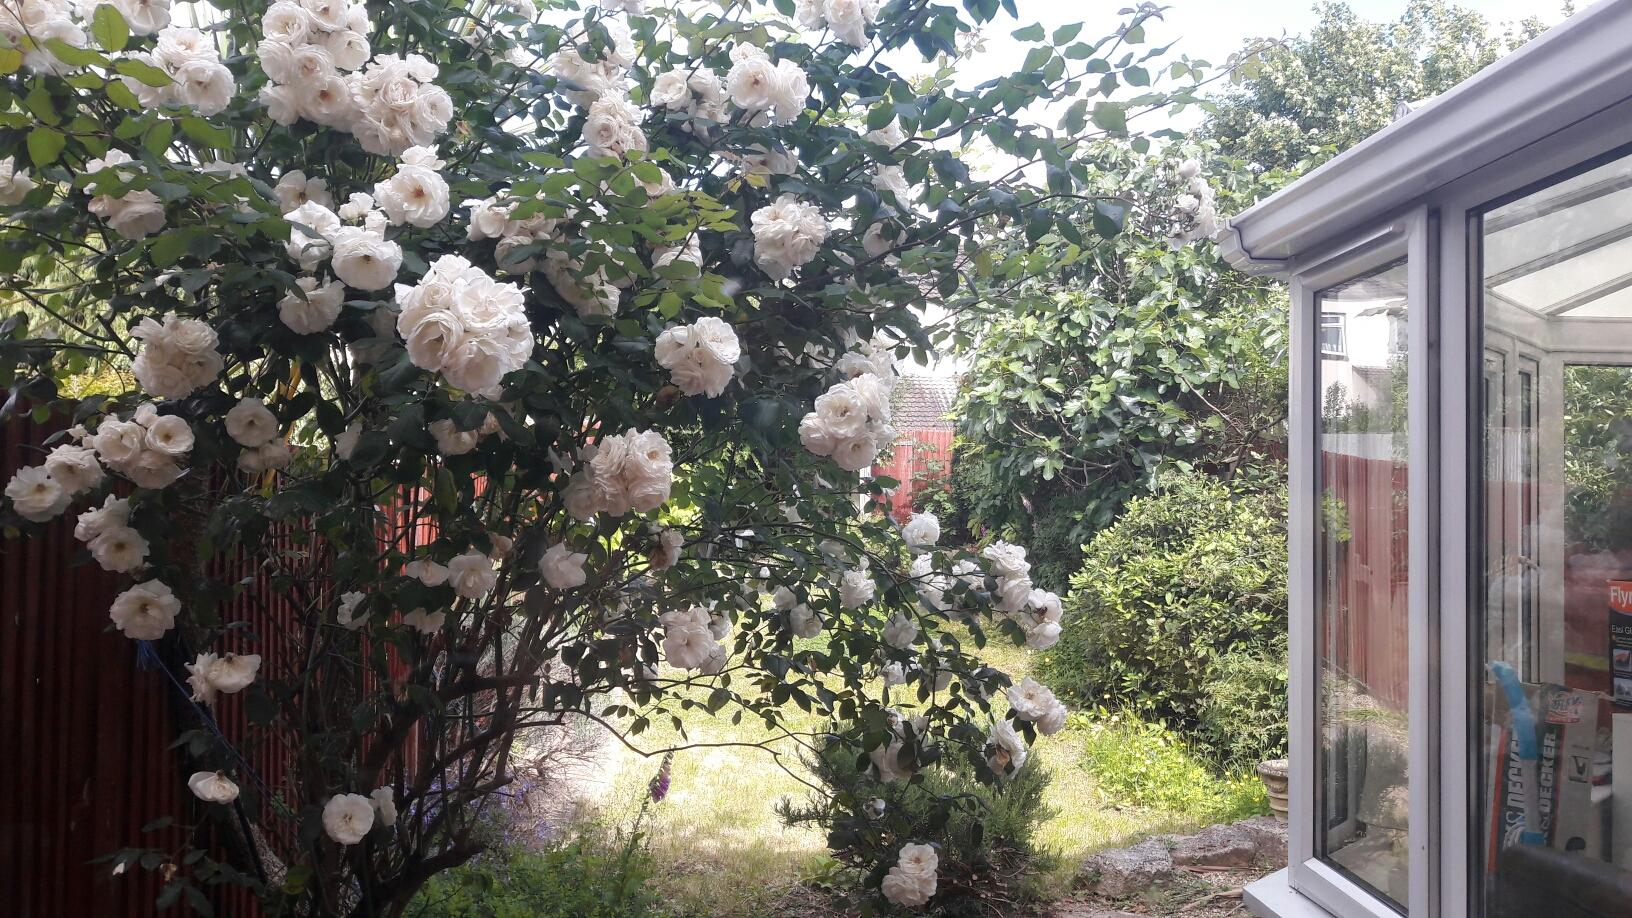 EIn Gruss an meine Tante - stehen hier im Garten